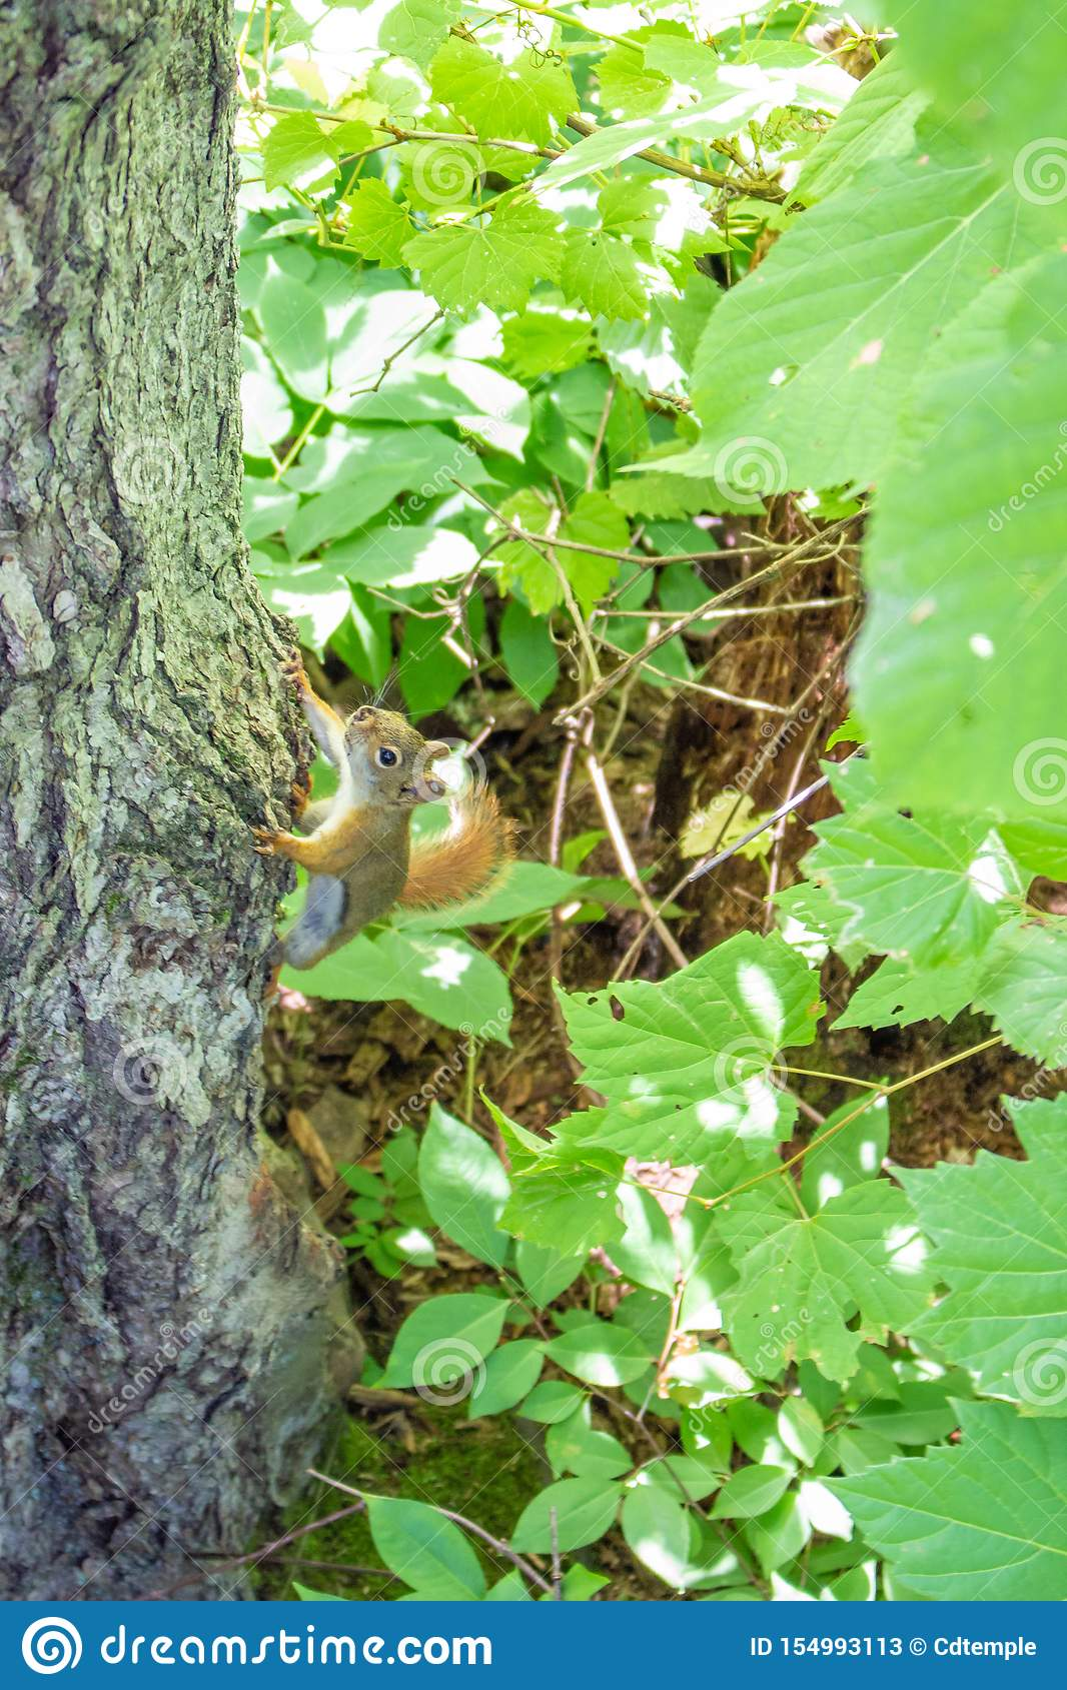 En ekorre klamra sig fast intill en trädstam